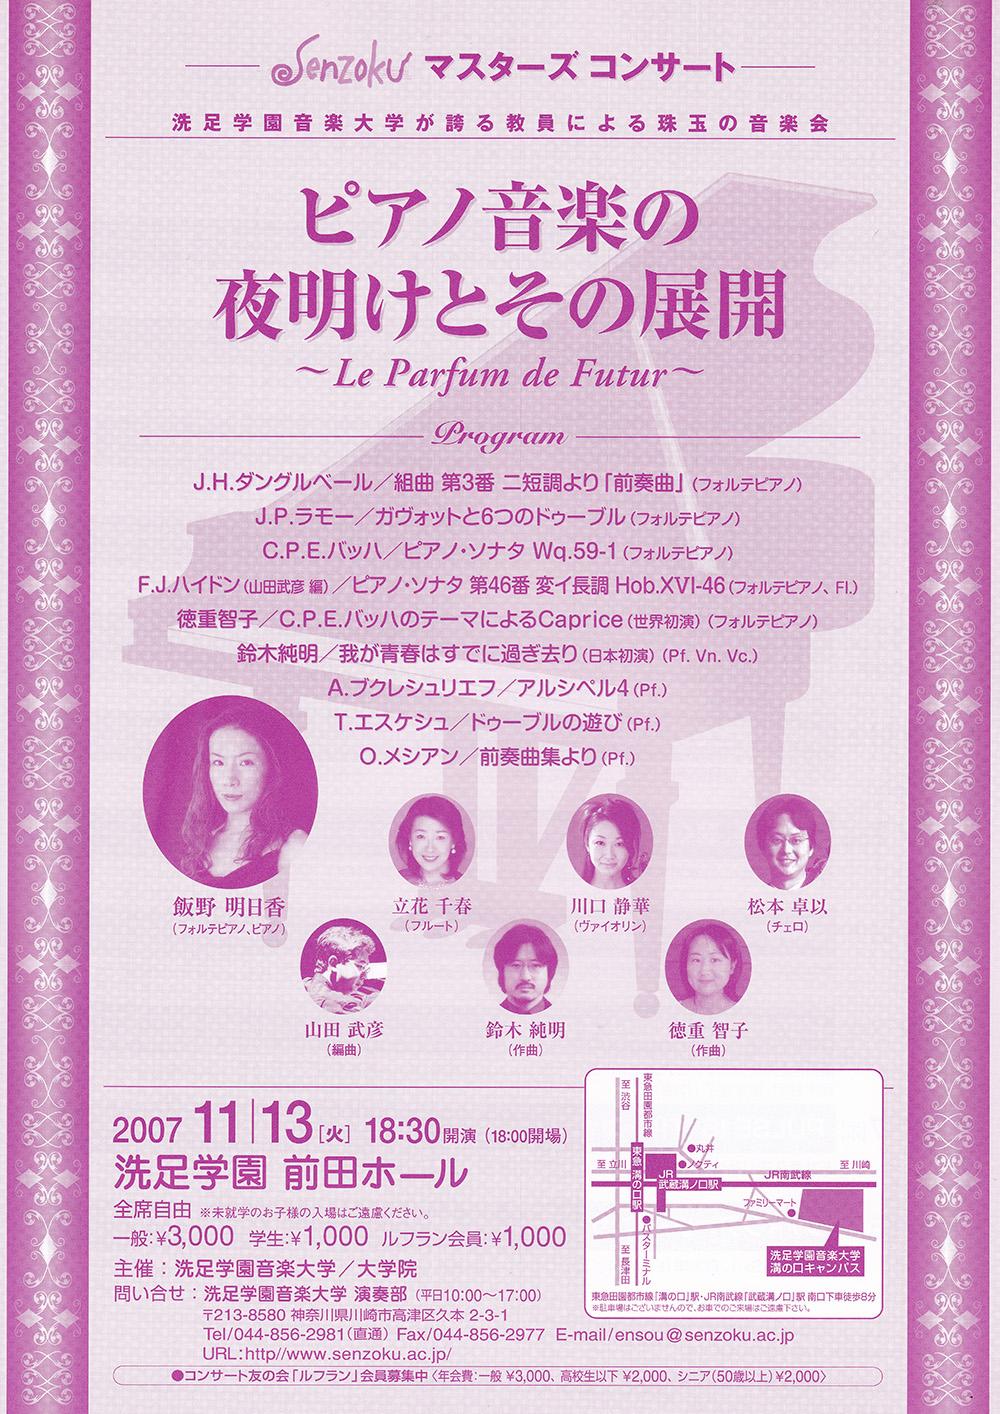 le Parfum de Futur vol.4「ピアノ音楽の夜明けとその展開」